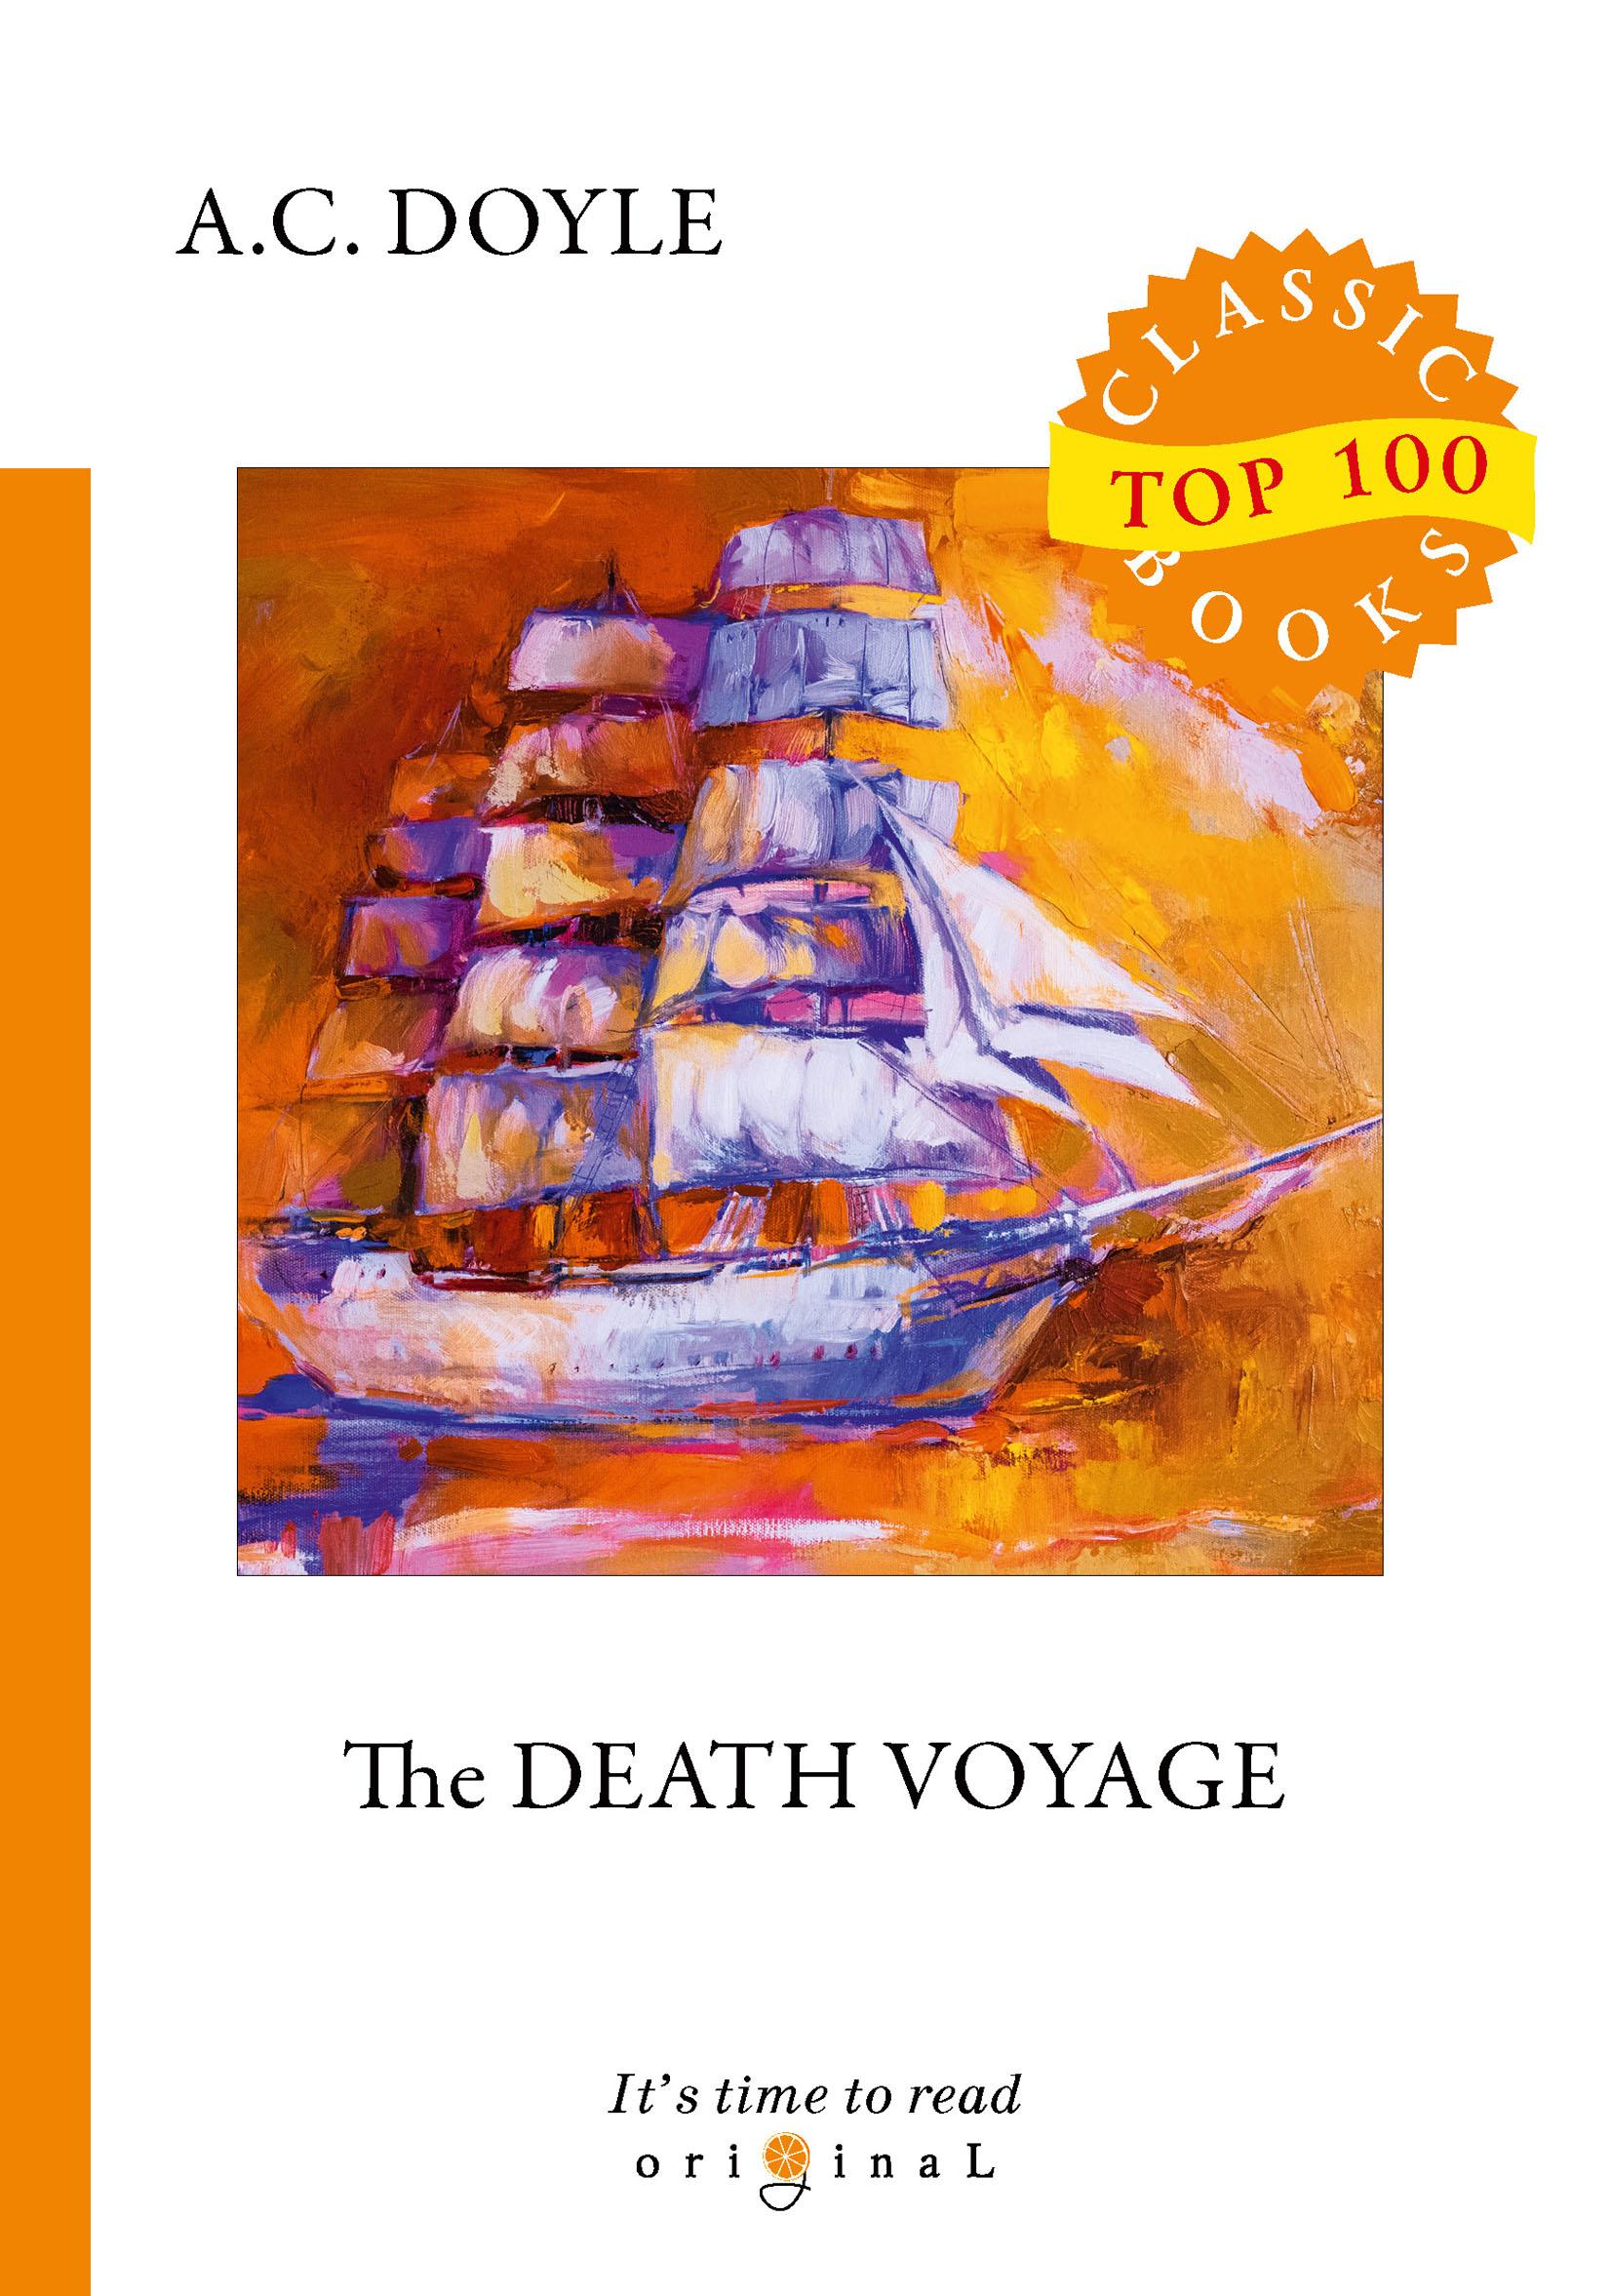 A. C. Doyle The Death Voyage doyle a c collected short stories ii the death voyage коллекция рассказов 2 смертельное путешествие на ан